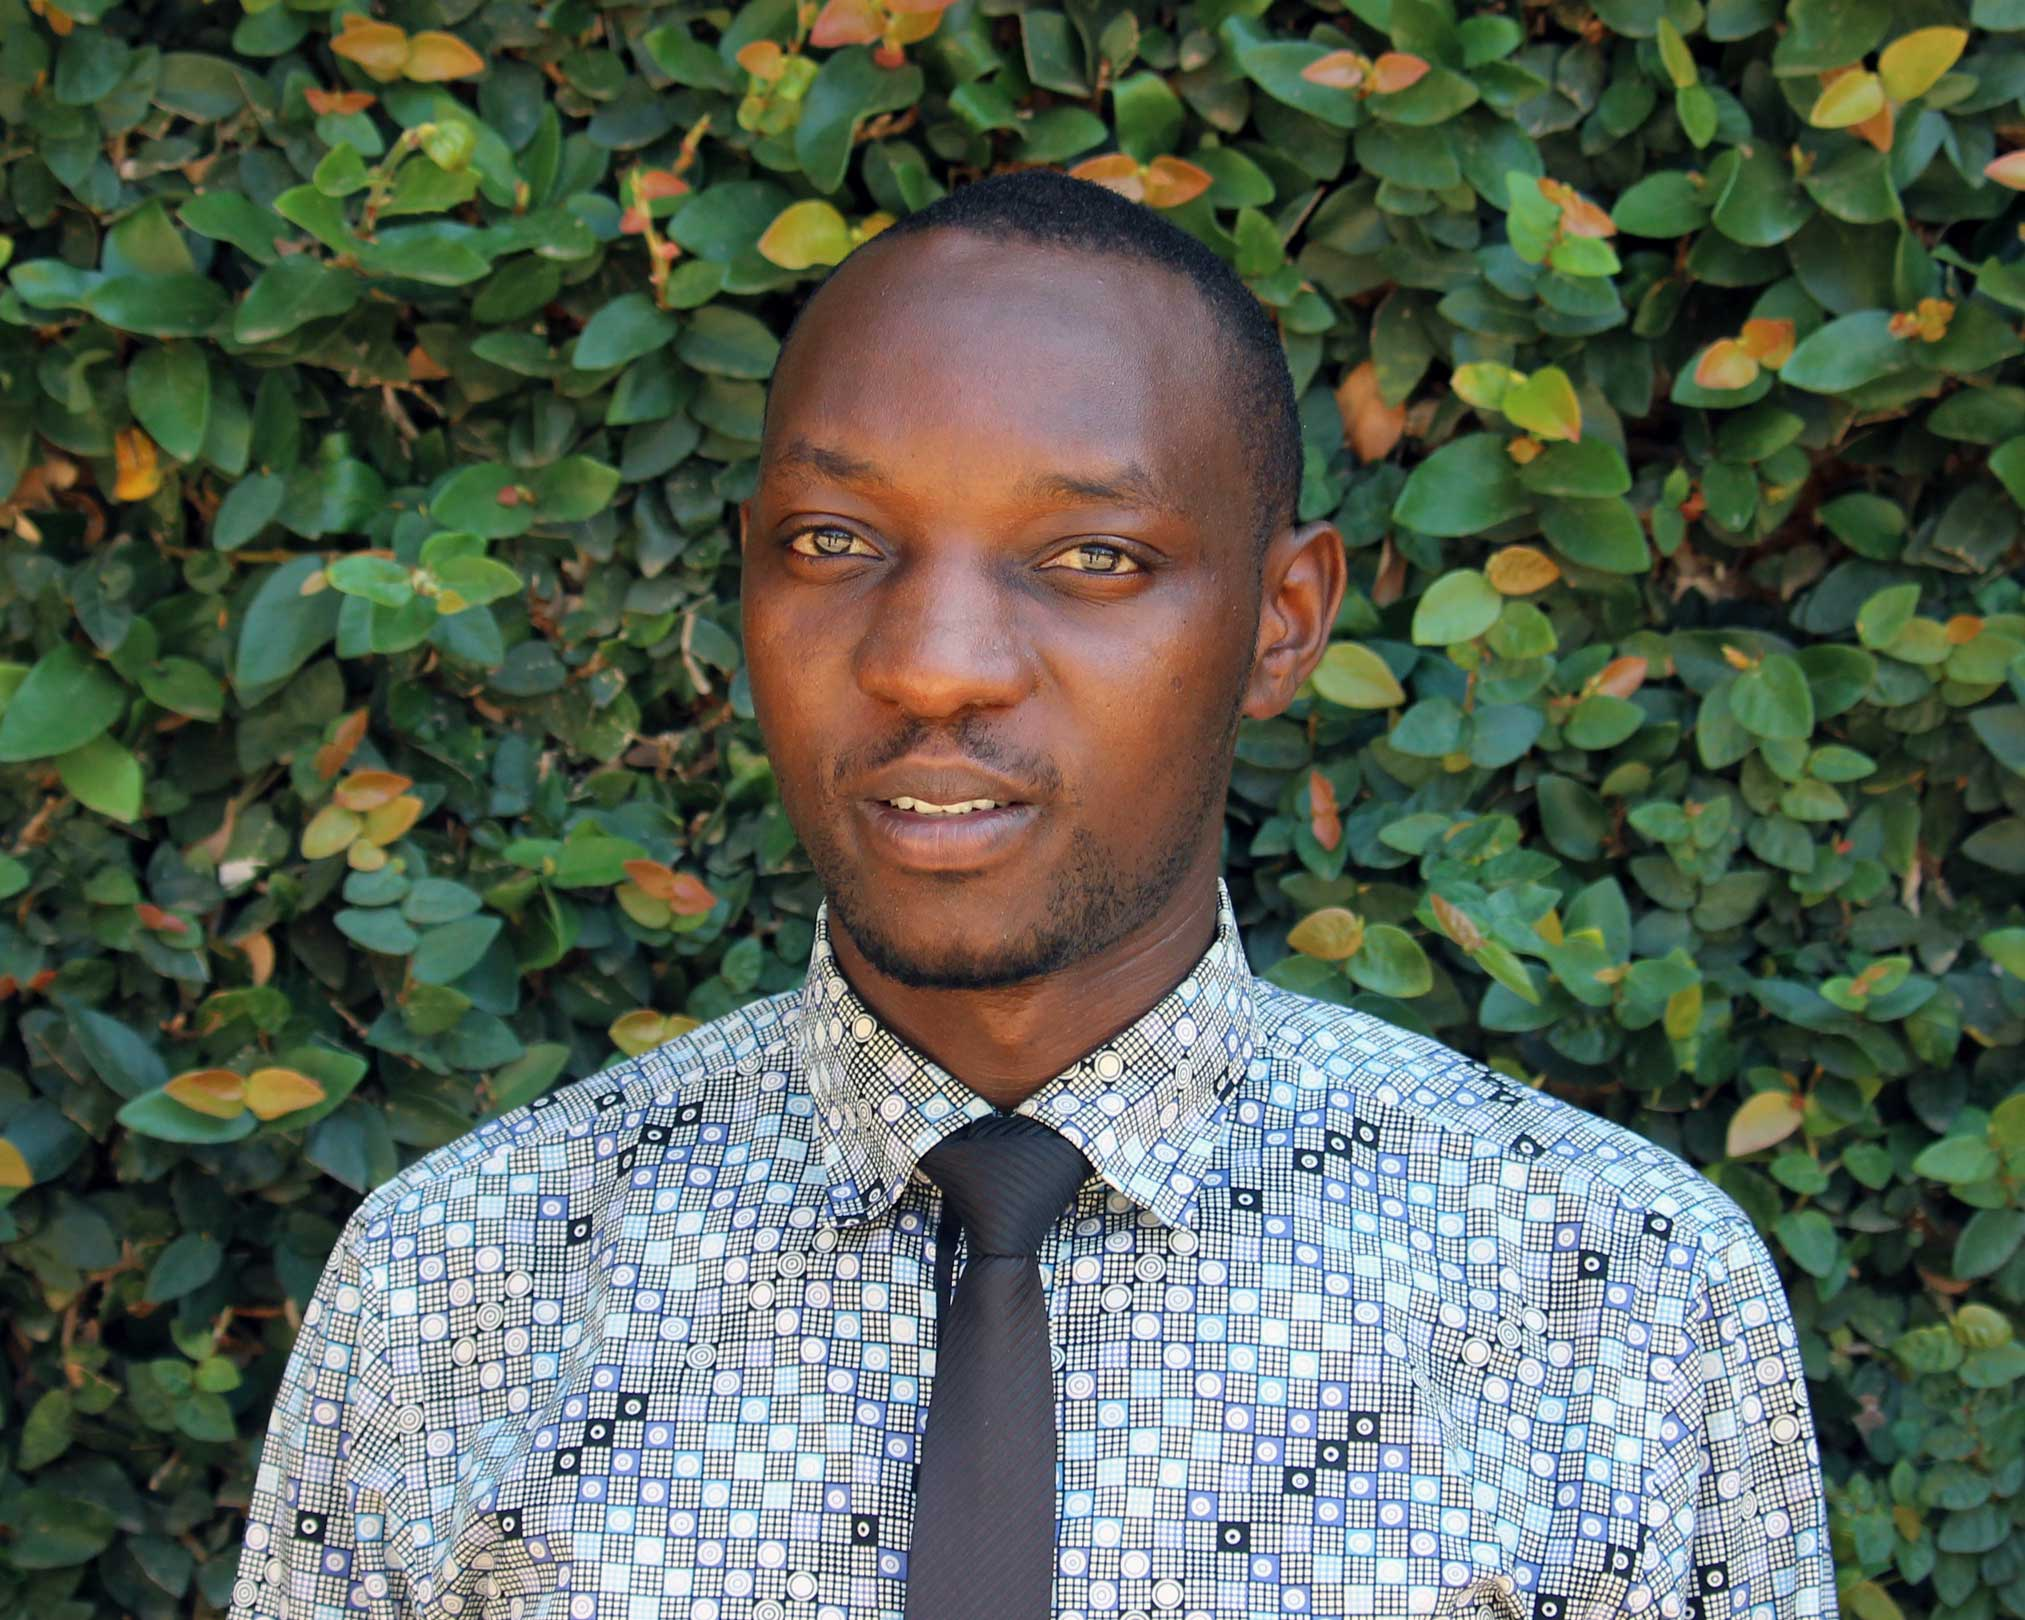 Innocent Munyendamutsa